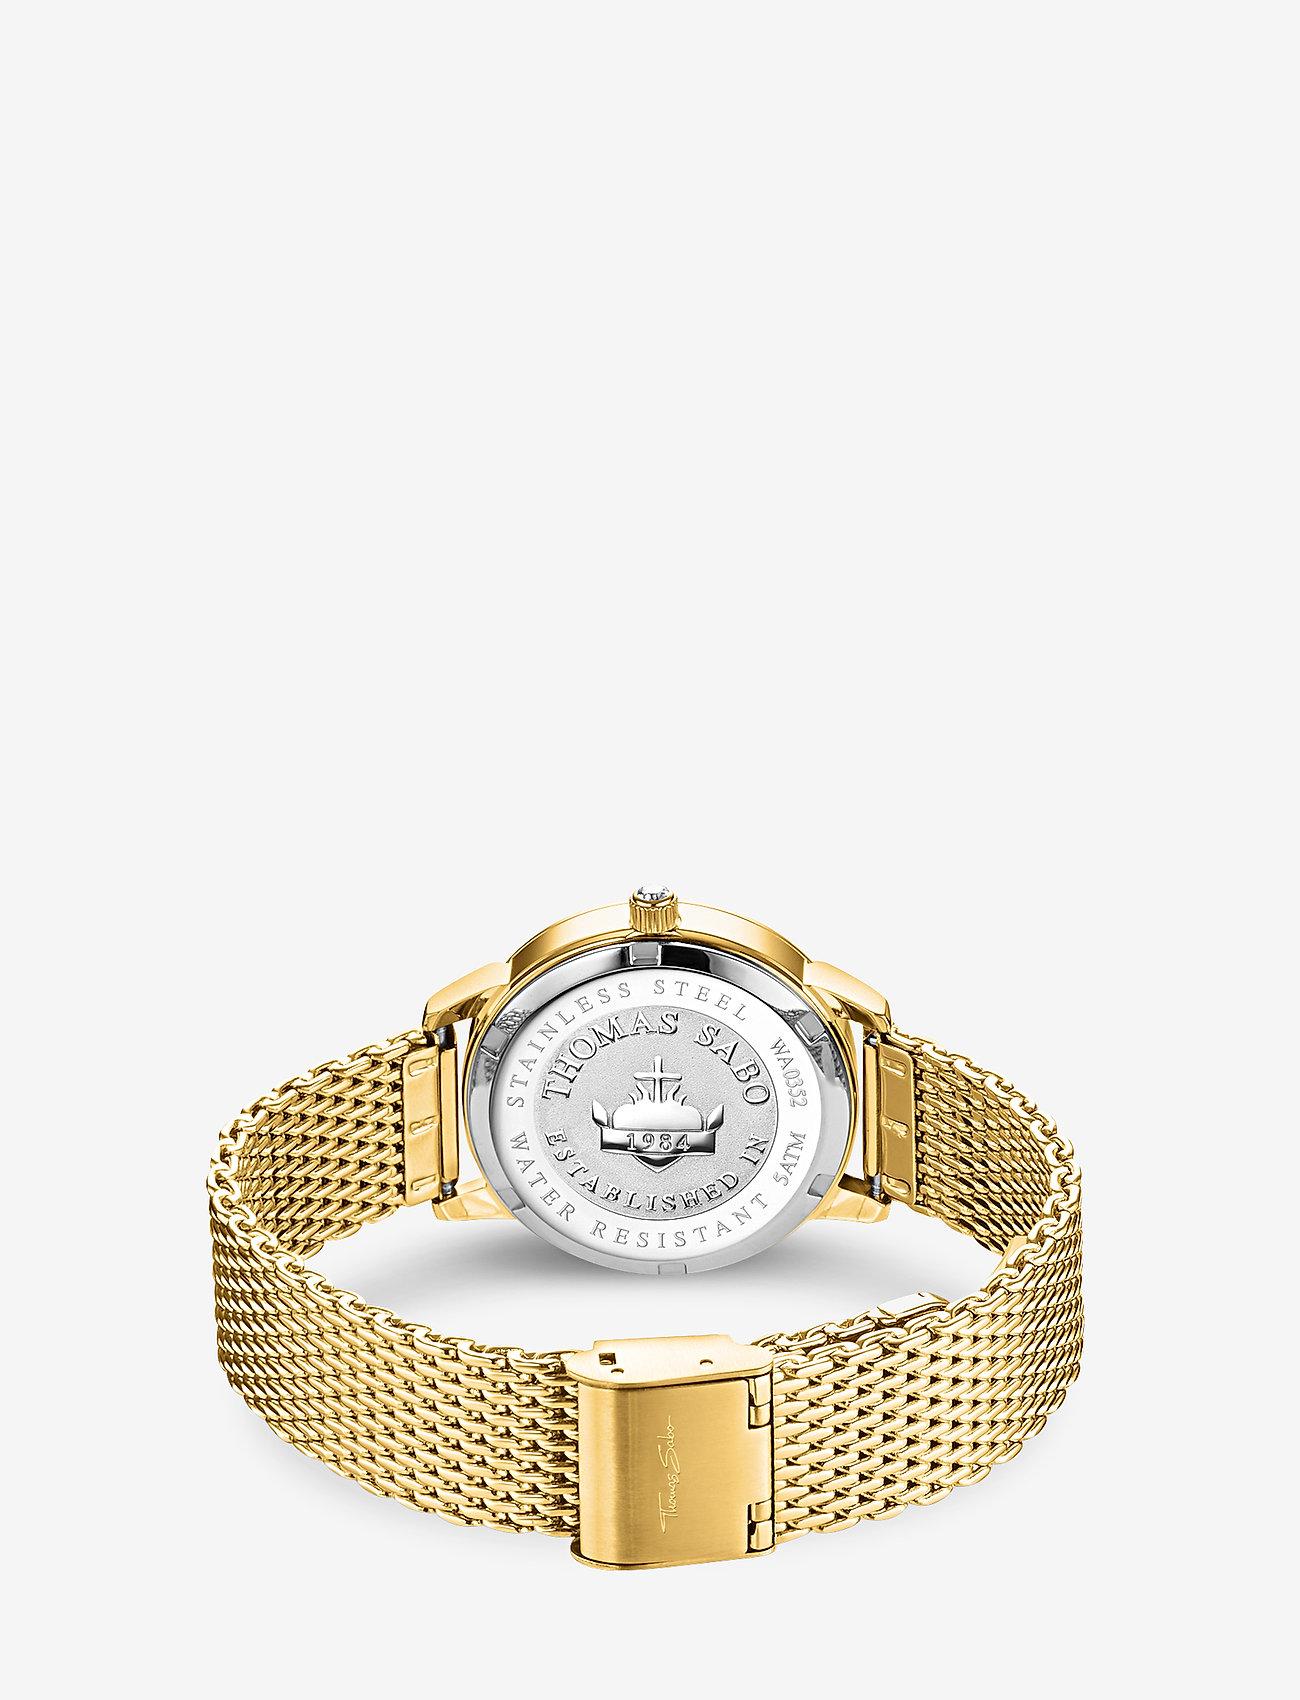 Thomas Sabo - Watch Glam Spirit astro watch,  blue - klockor - gold - 1